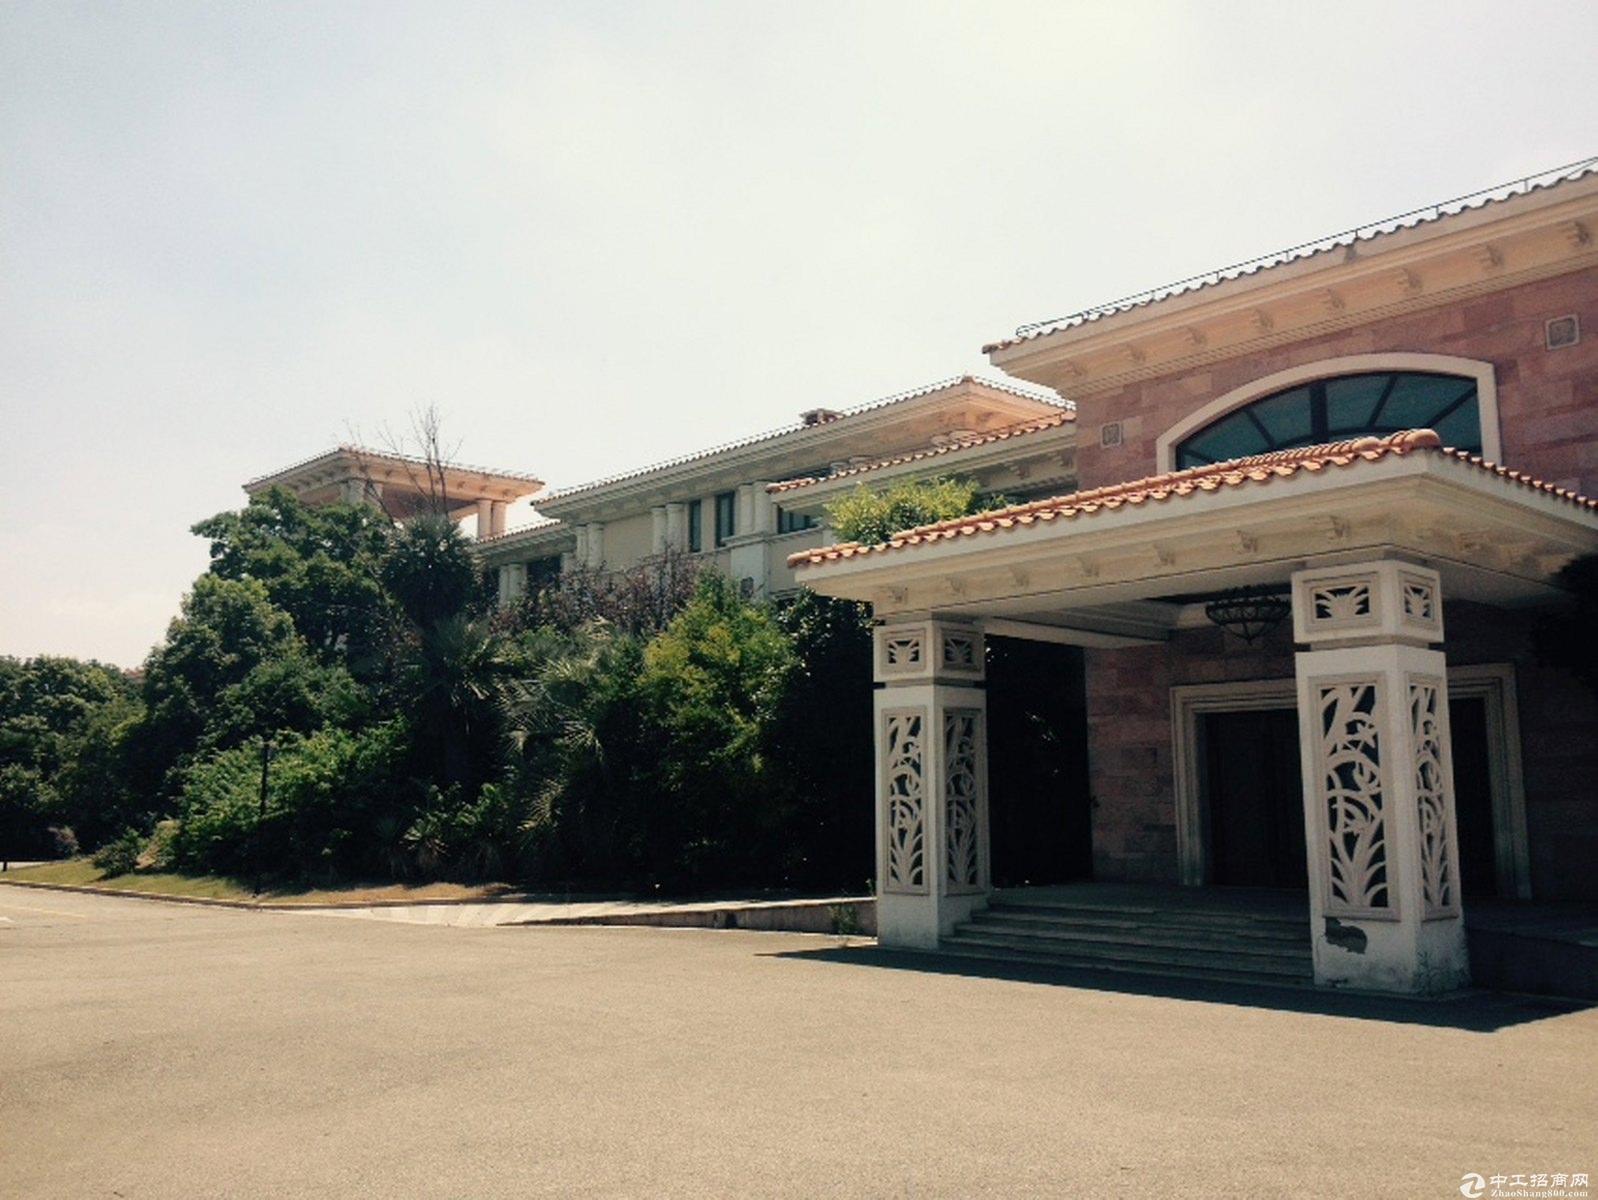 佘山欢乐谷25亩独院大型度假别墅依山傍水售